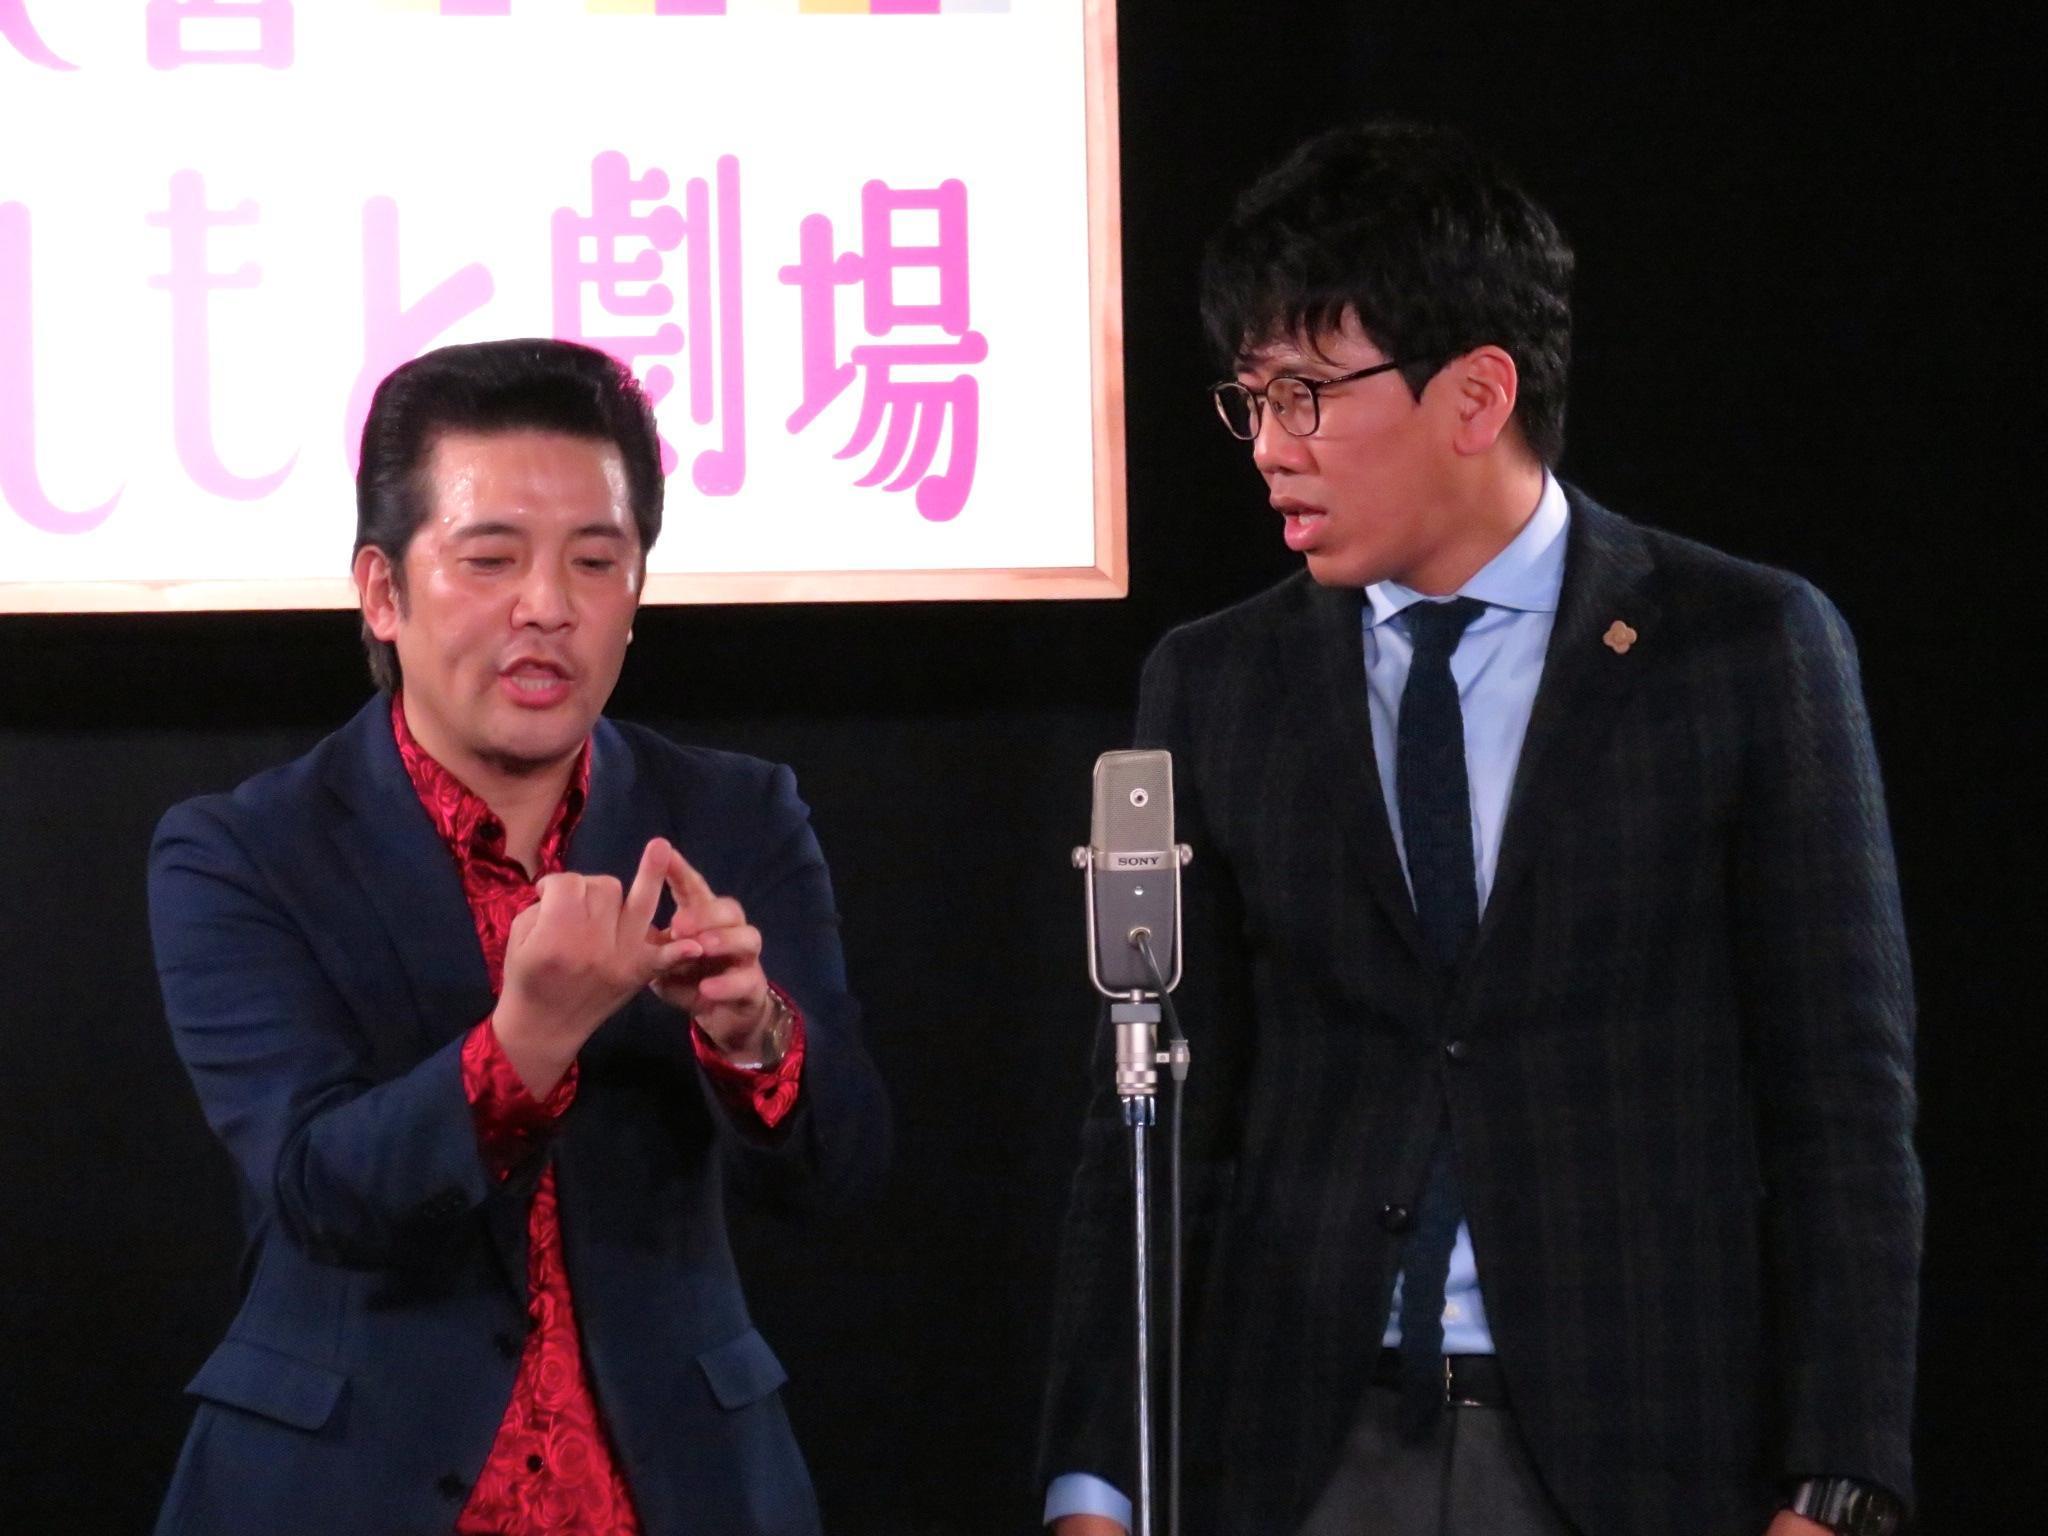 http://news.yoshimoto.co.jp/20171230223332-40300c37e95dcb051a42c0ae482e88396c9dabbb.jpg